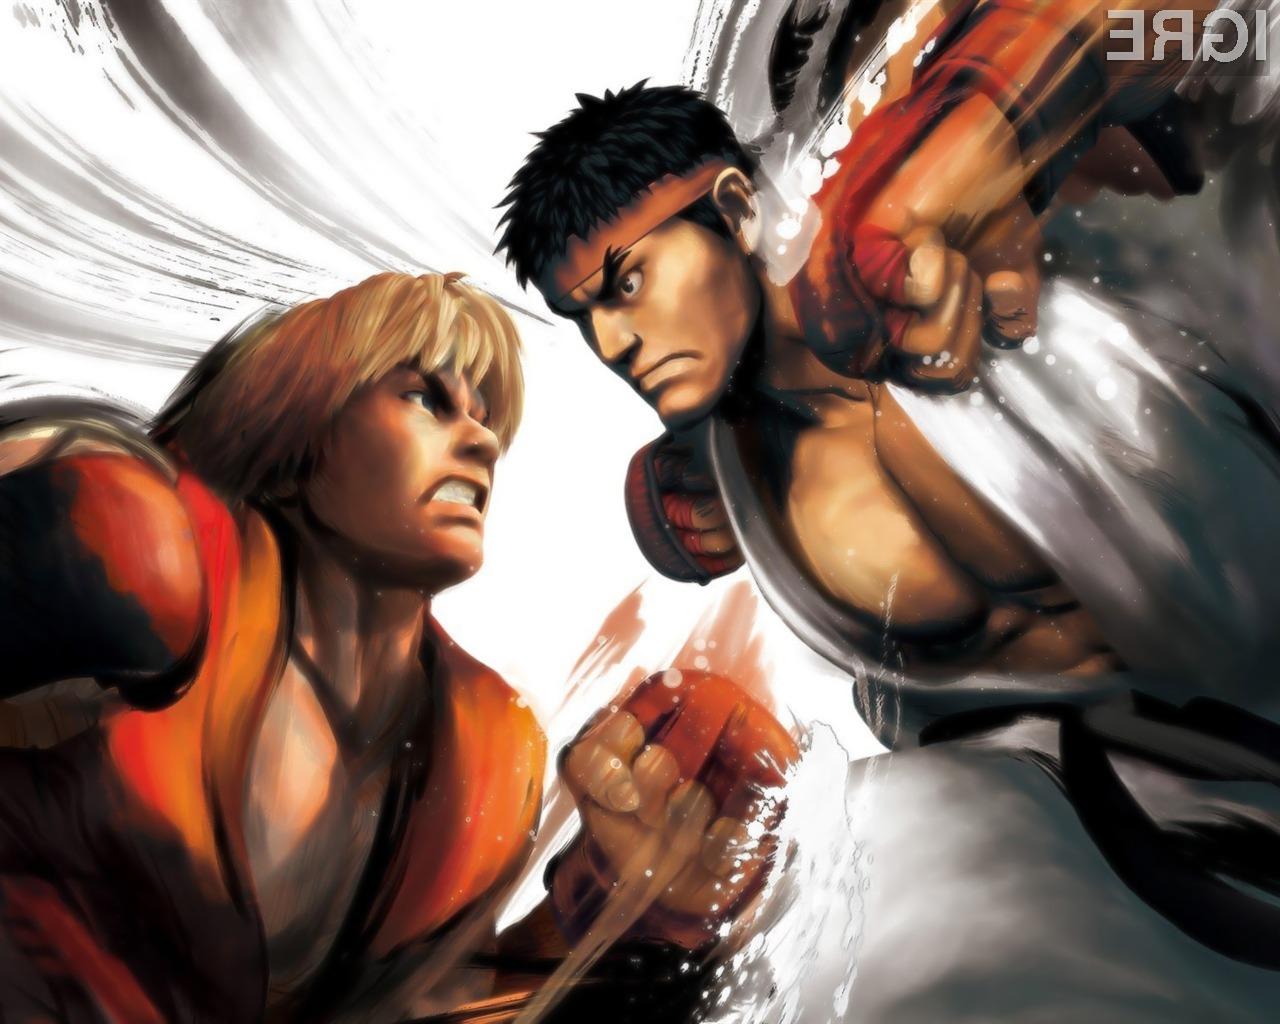 Bo Ryu mladino prepričal v policijsko delo?